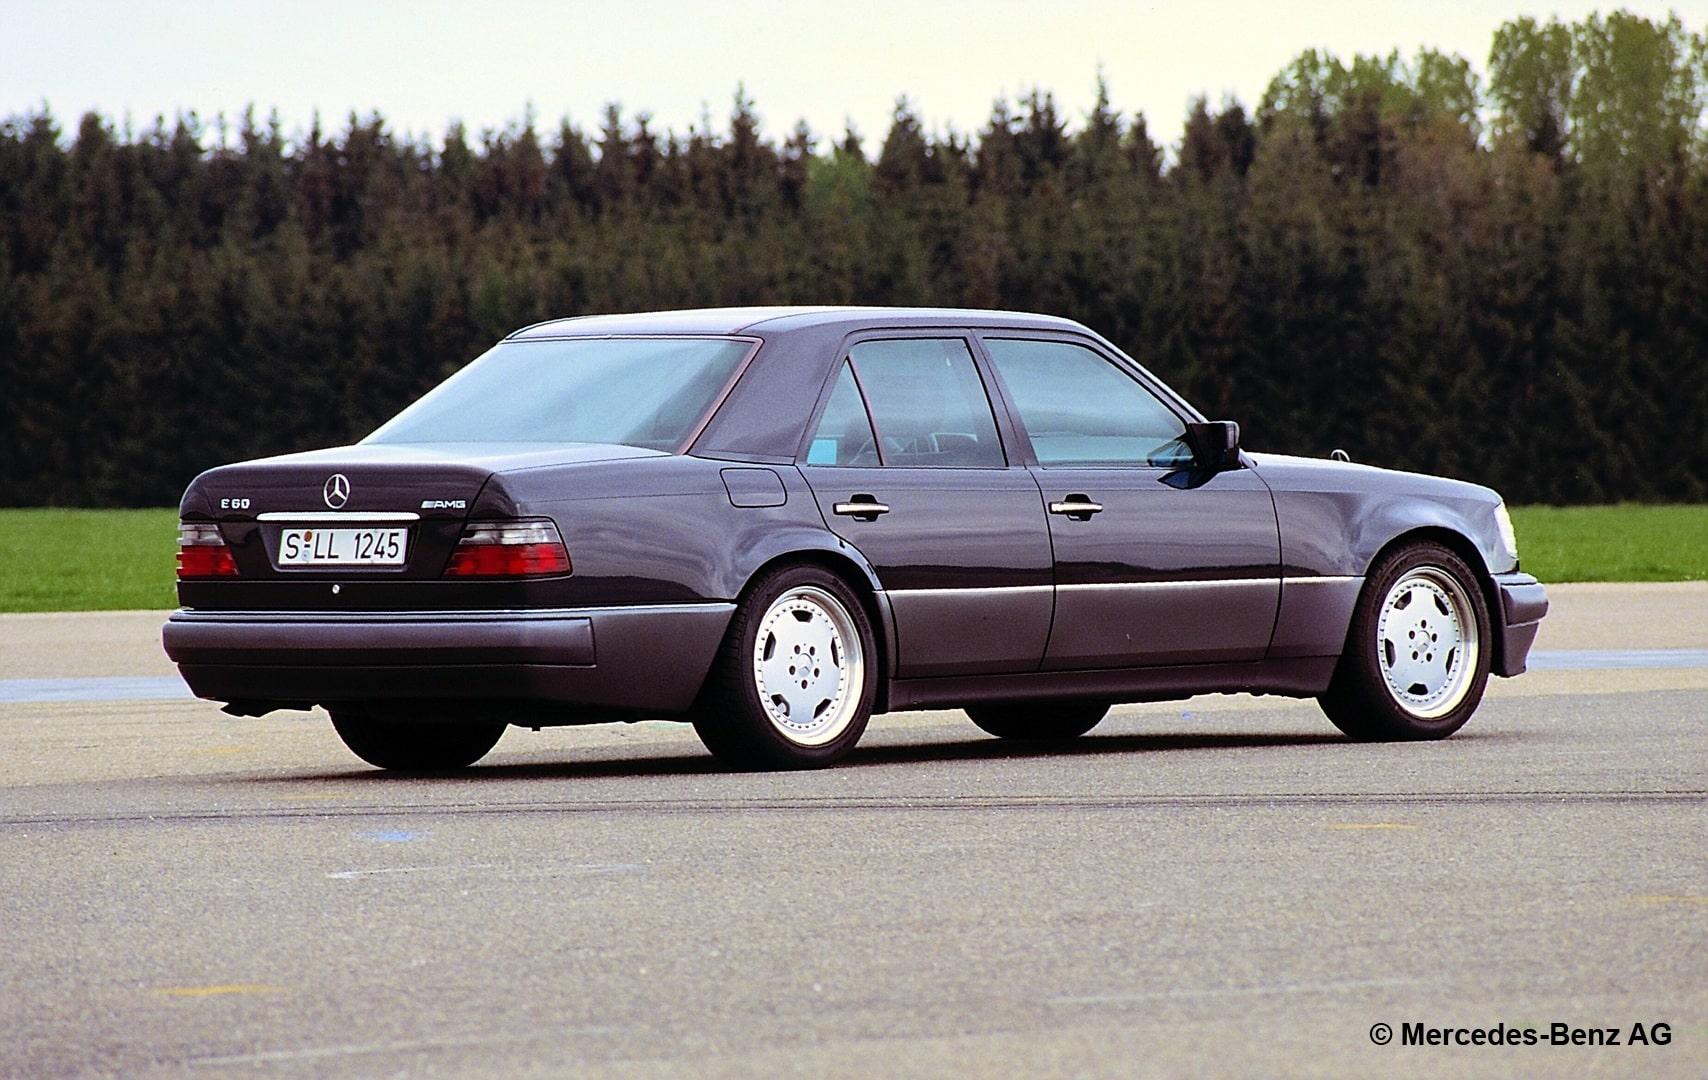 W124 E60 AMG